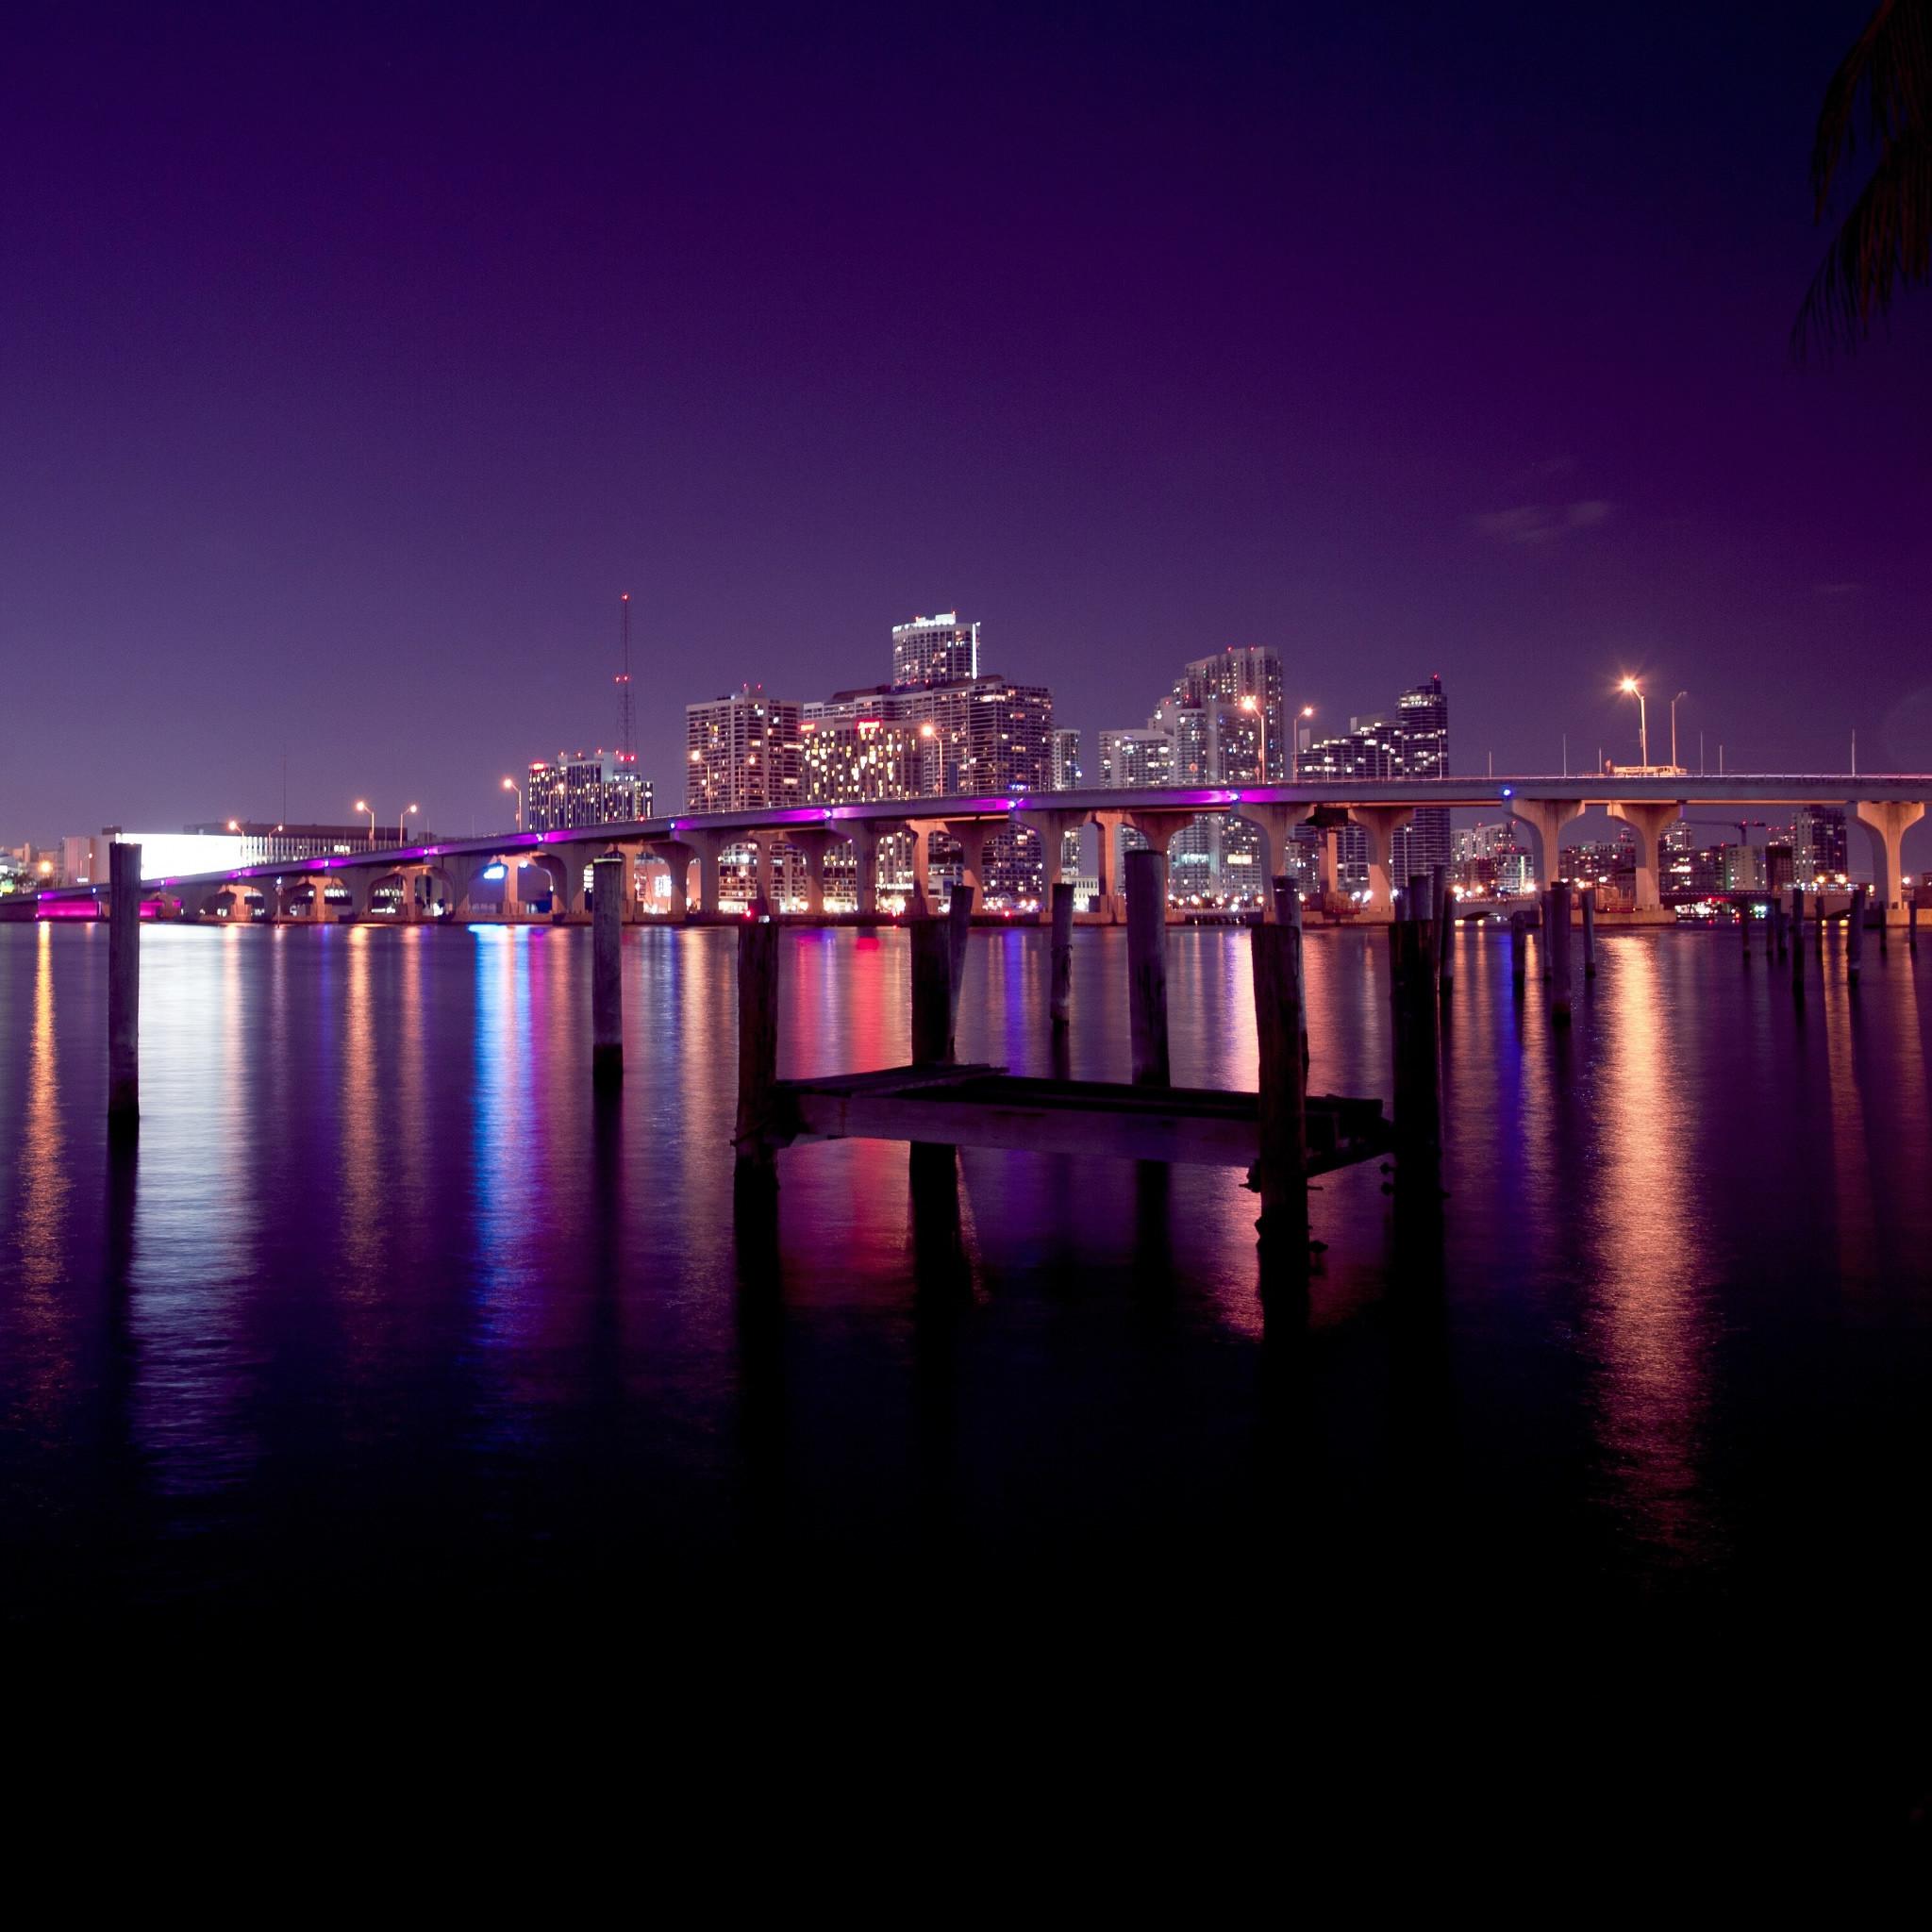 Hd Wallpapers Miami Skyline At Night 2560 X 1600 1539 Kb Jpeg | HD .